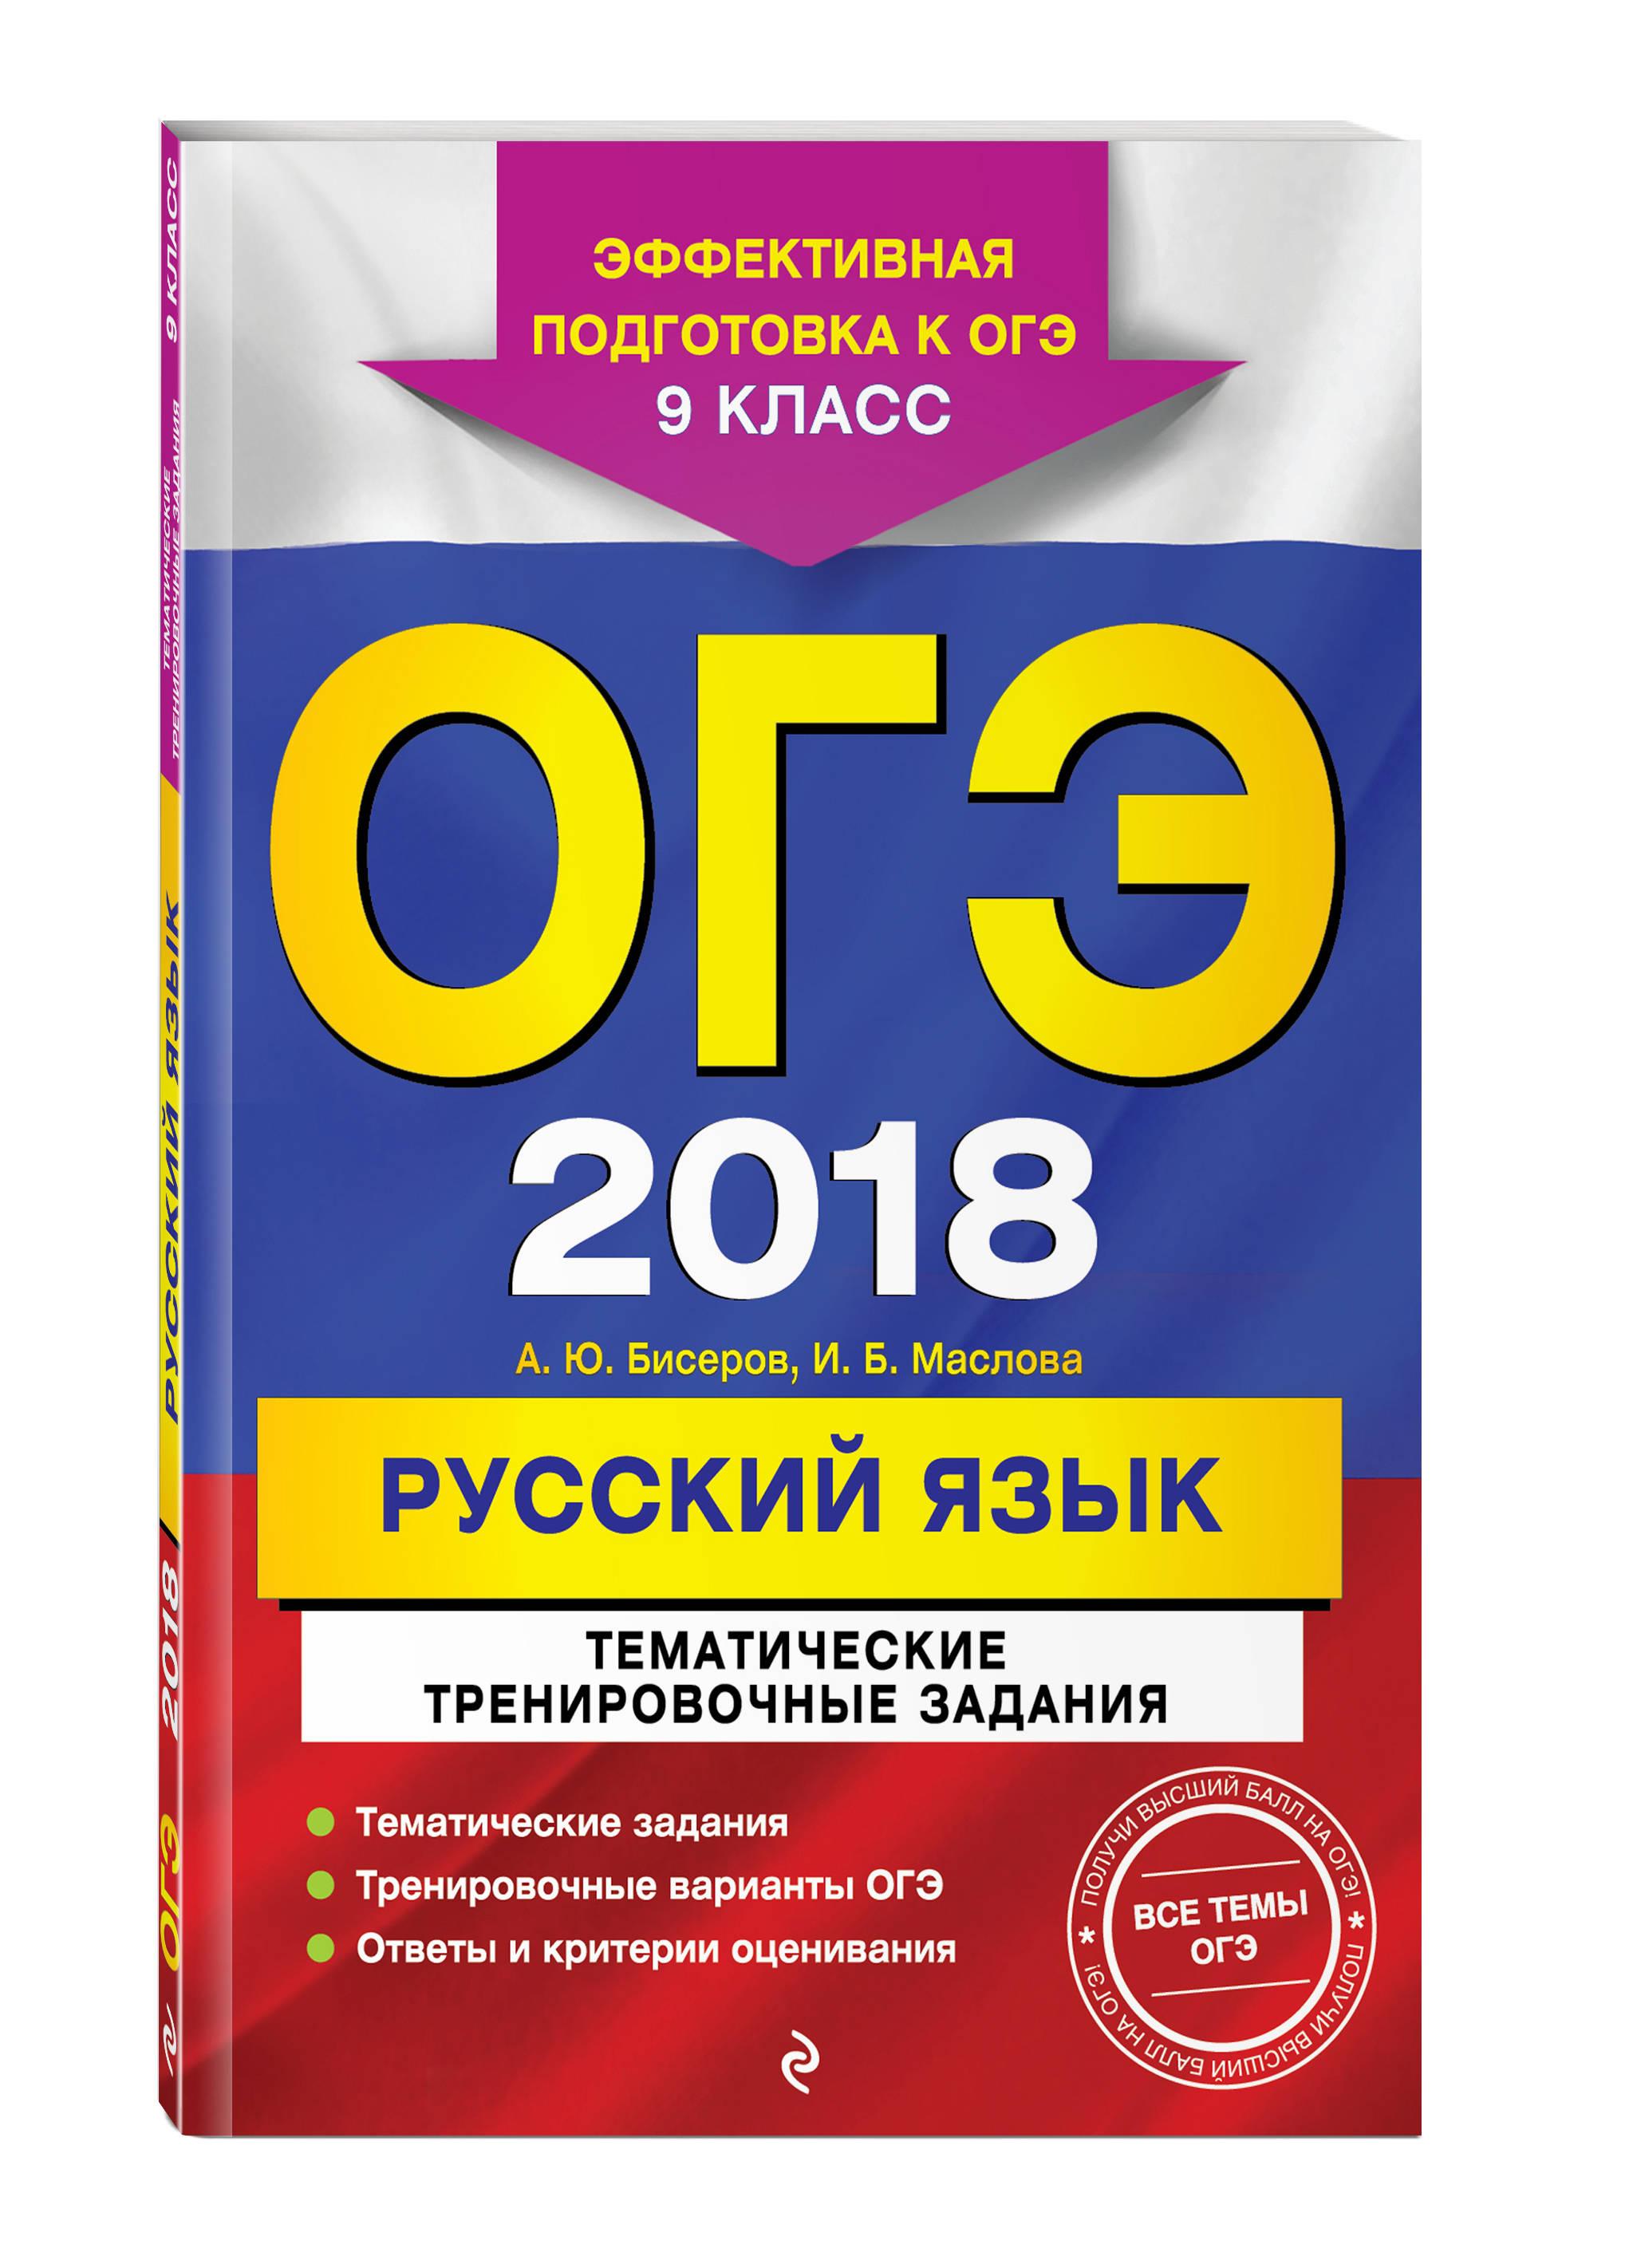 ОГЭ-2018. Русский язык. Тематические тренировочные задания. 9 класс от book24.ru